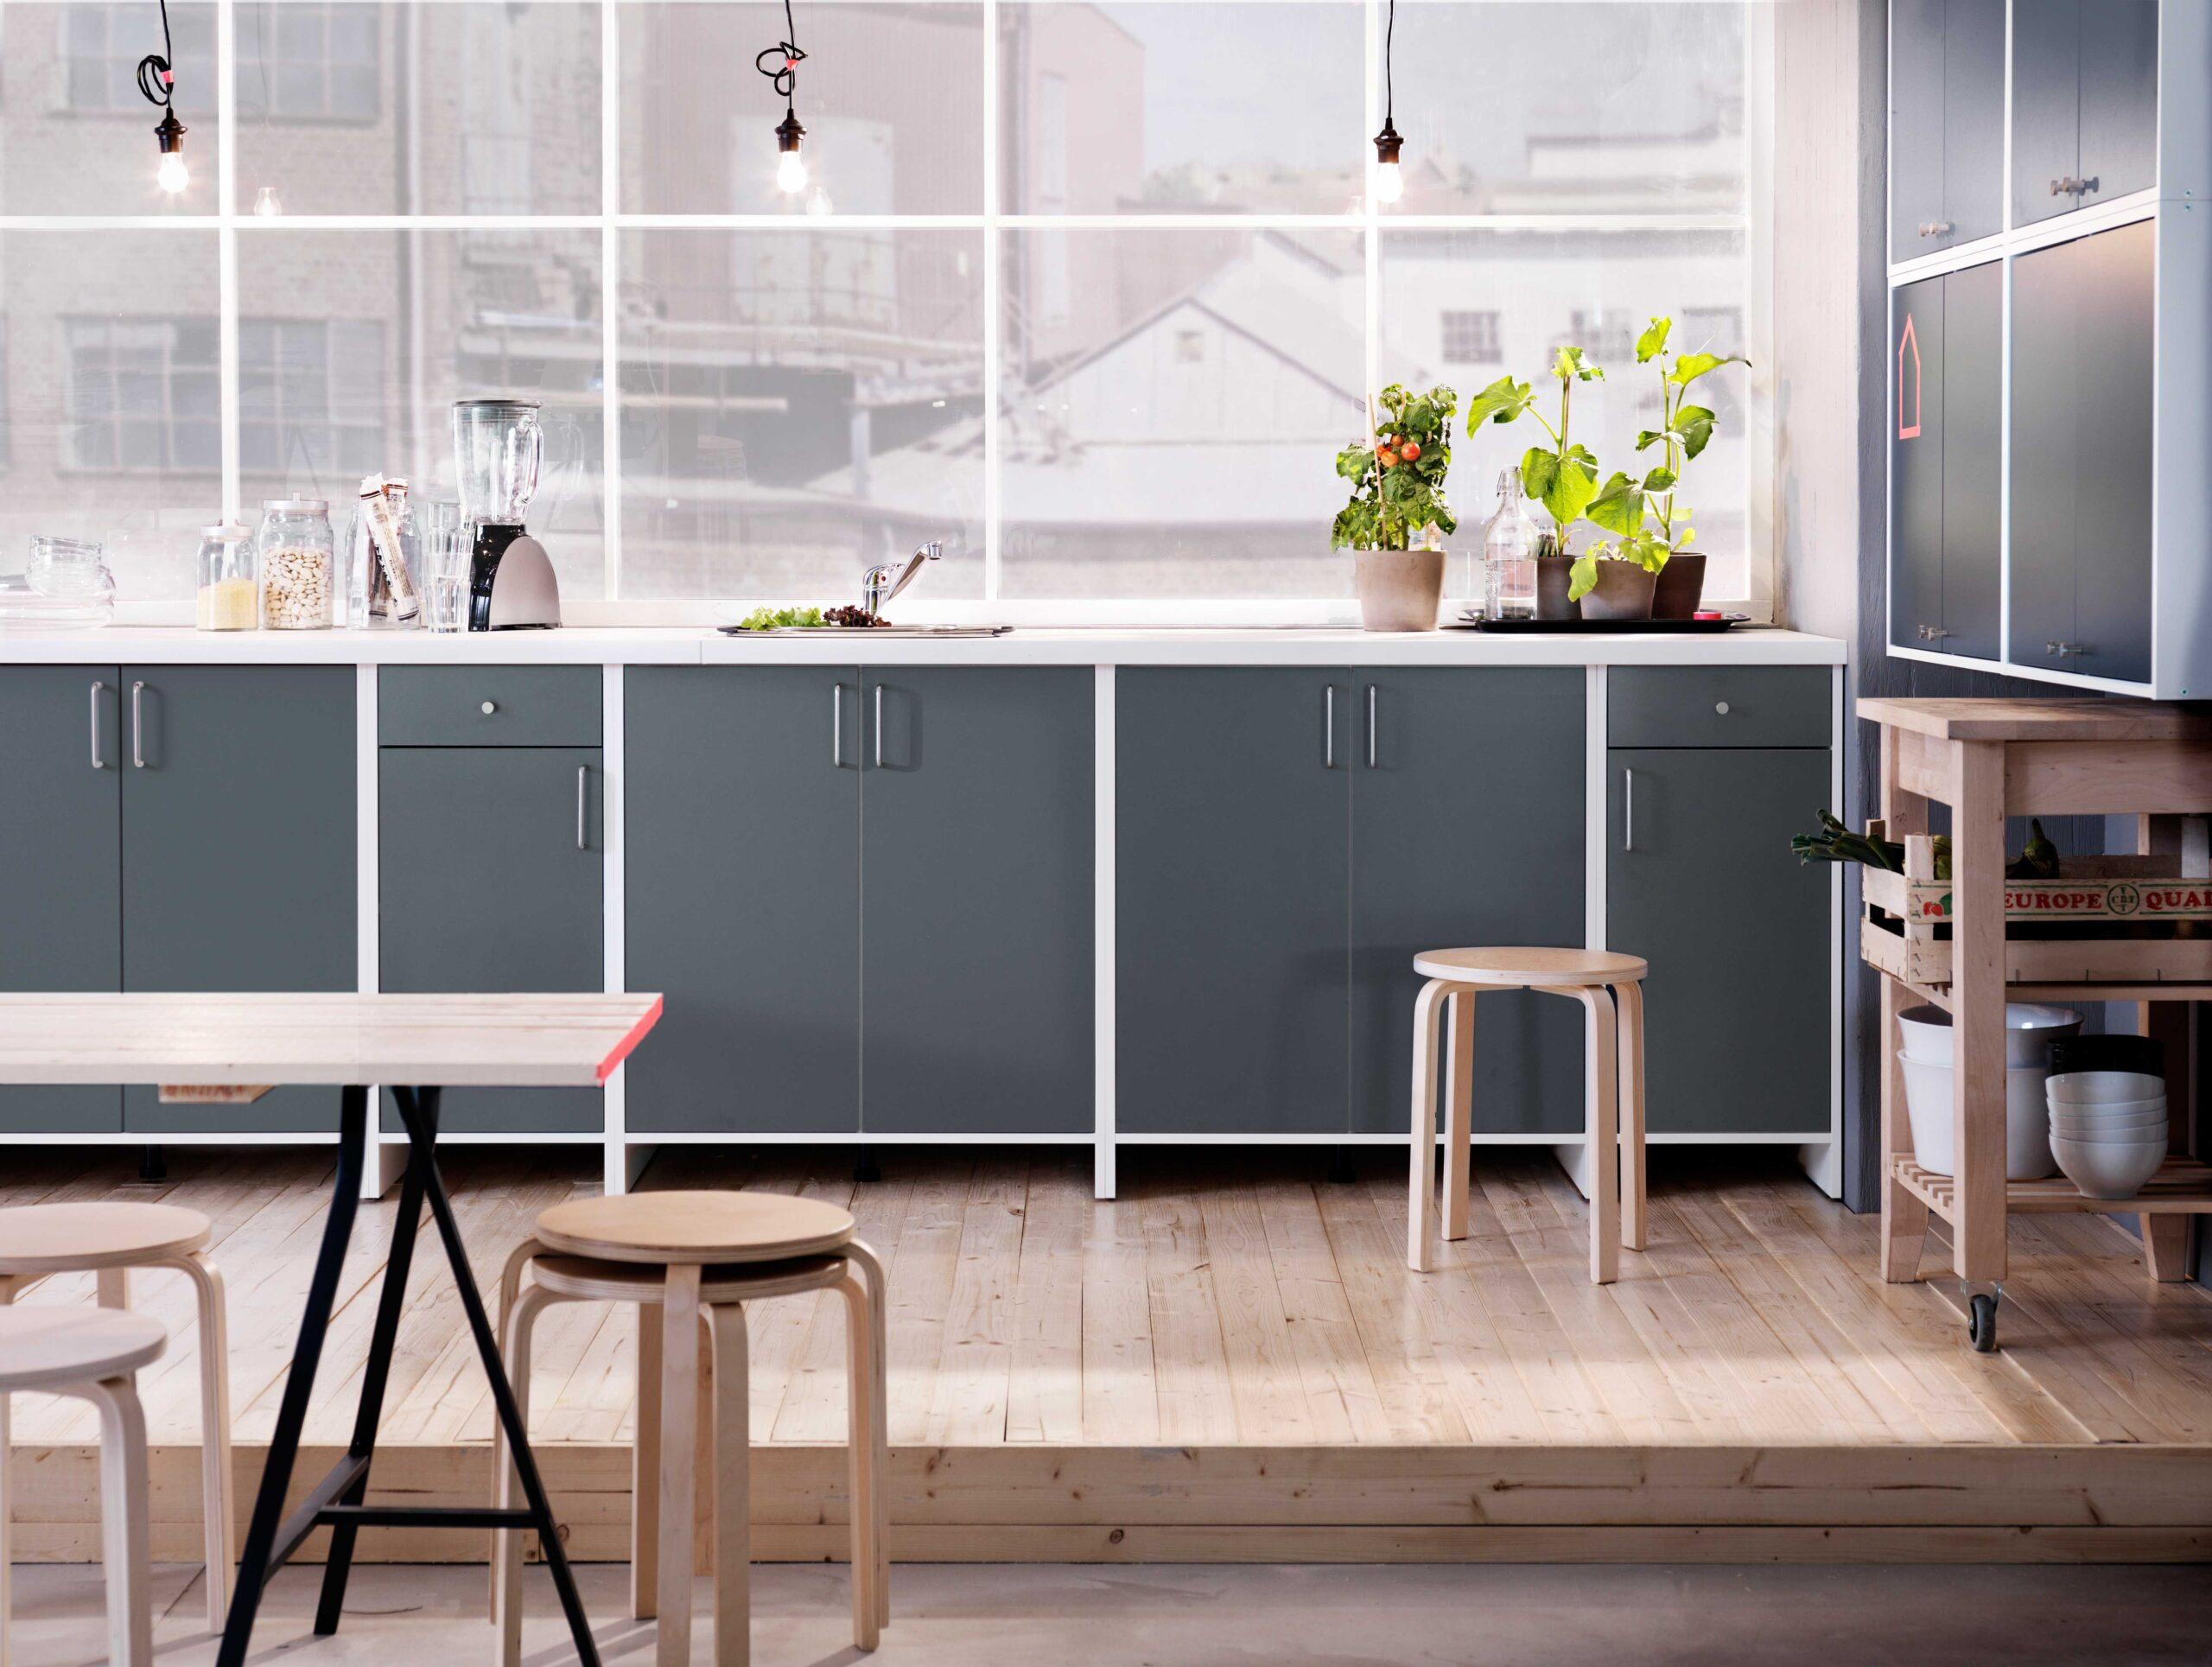 Full Size of Kche Kaufen Gnstig Ikea Inspirierend Magnettafel Küche Hängeschrank Mit Elektrogeräten Wandtattoos Schnittschutzhandschuhe Fliesenspiegel Glas Günstig Wohnzimmer Nischenverkleidung Küche Ikea